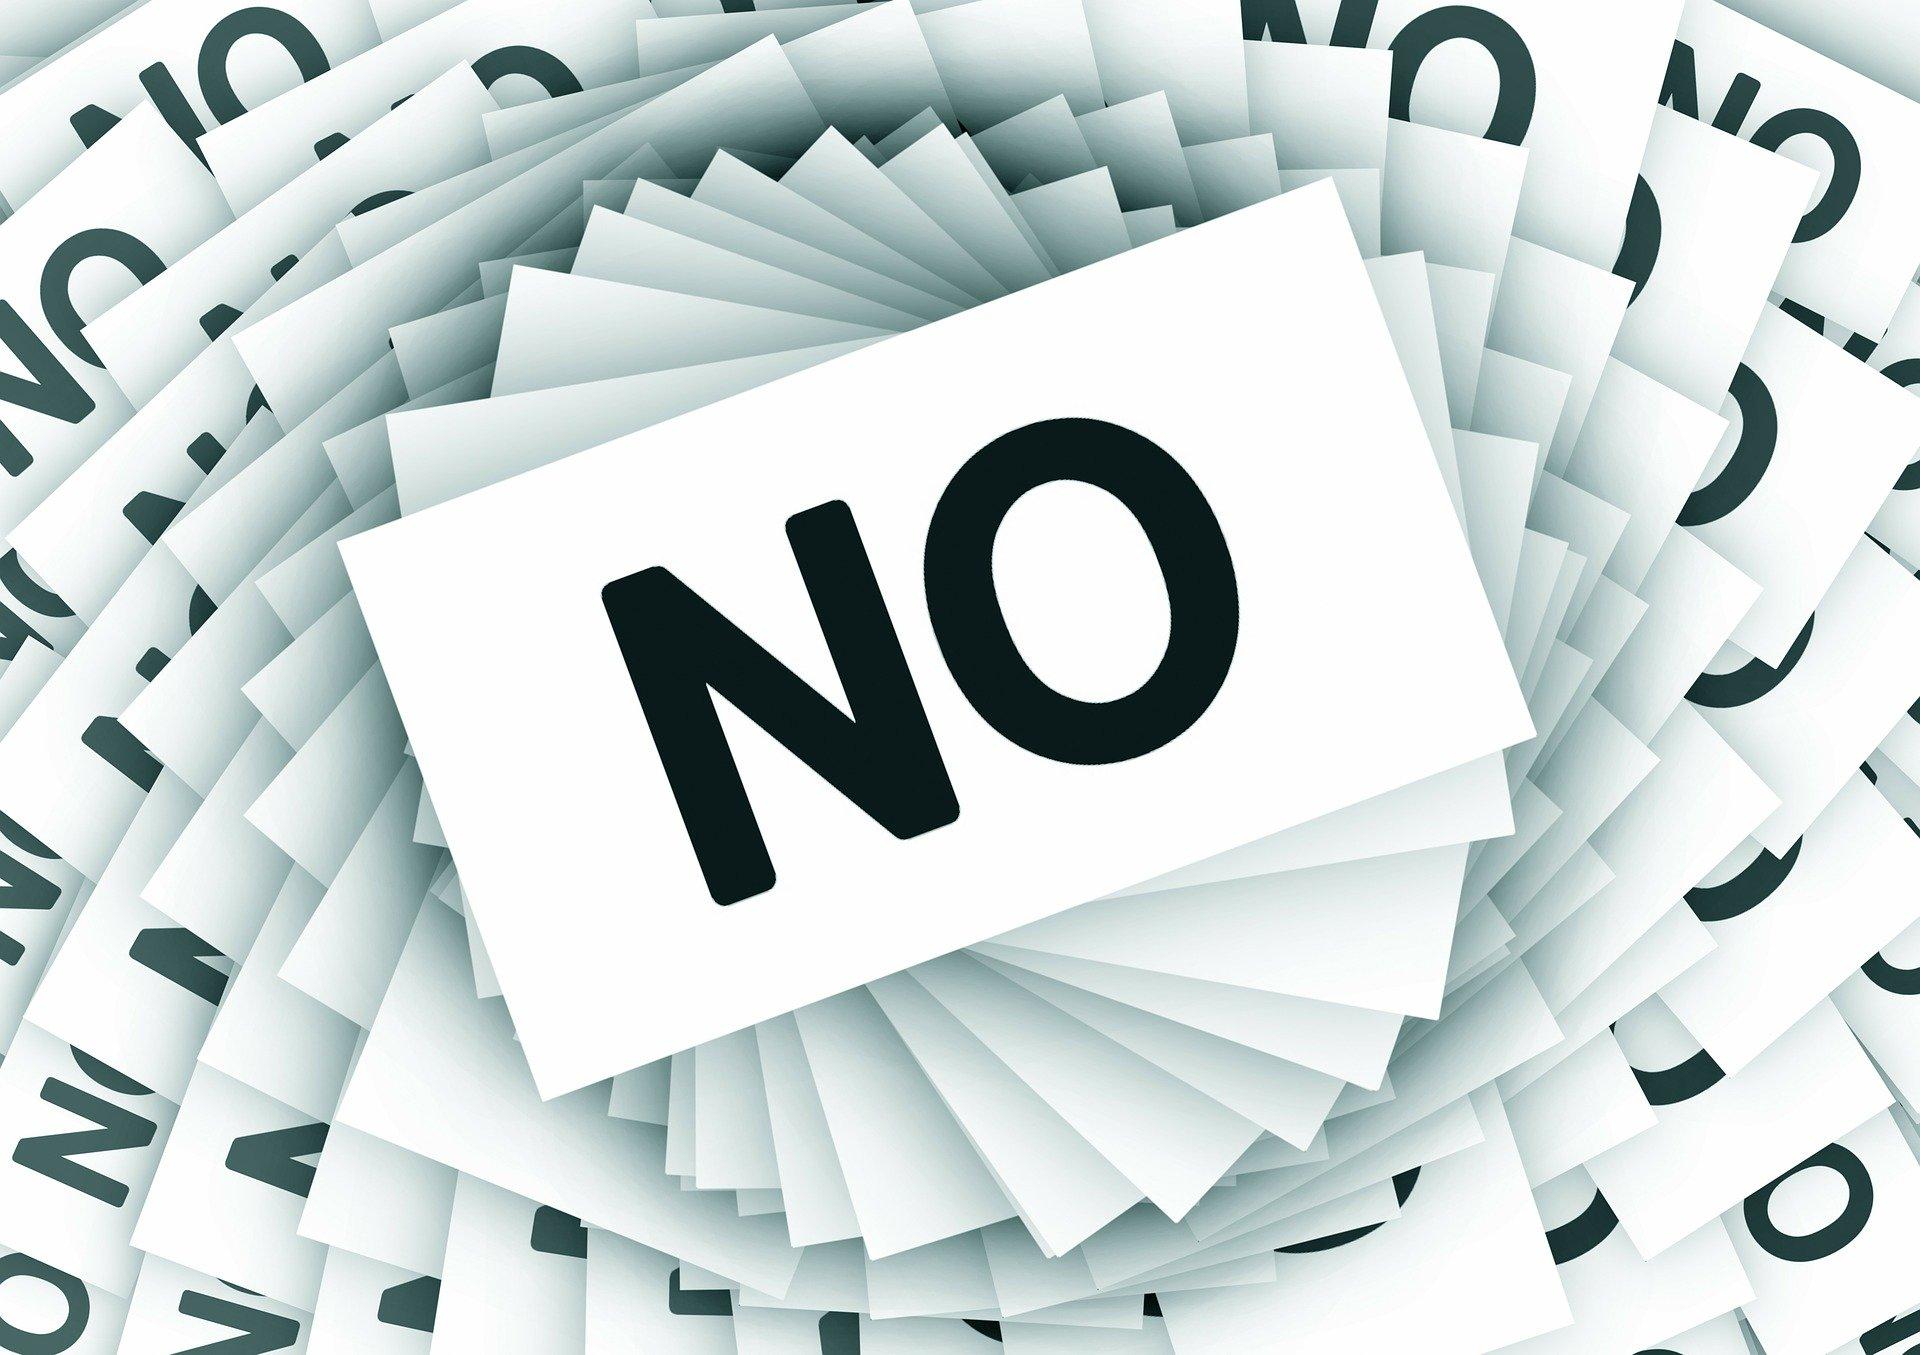 У яких випадках відмовляти учасникові через корупцію: 4 кейси